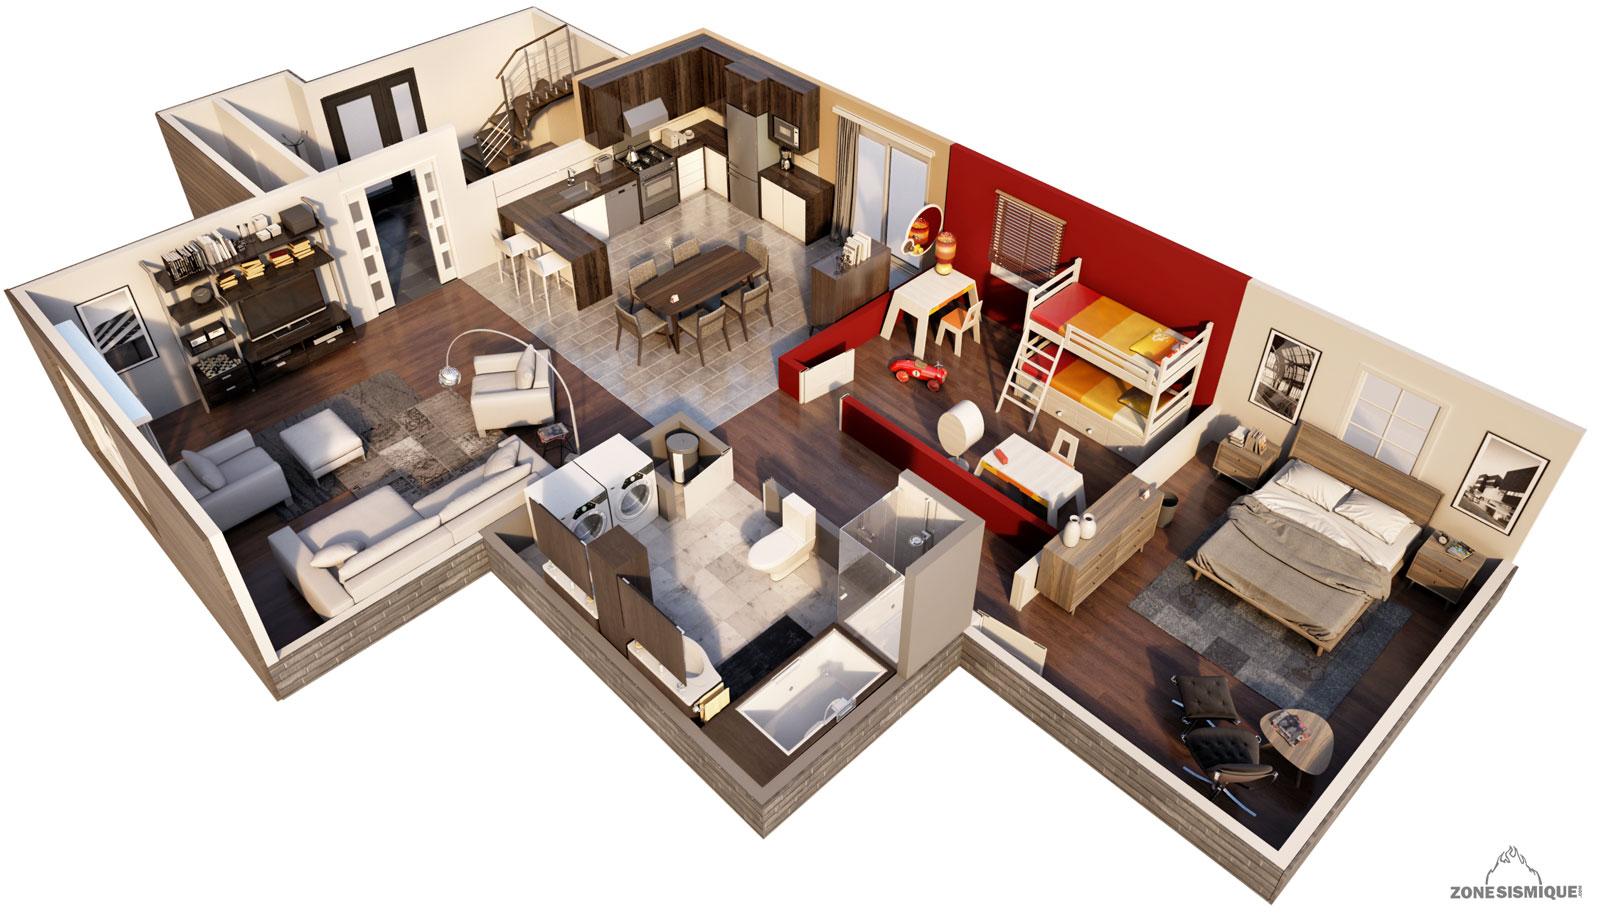 Plan de maison 3d moderne for Plan de maison moderne 3d